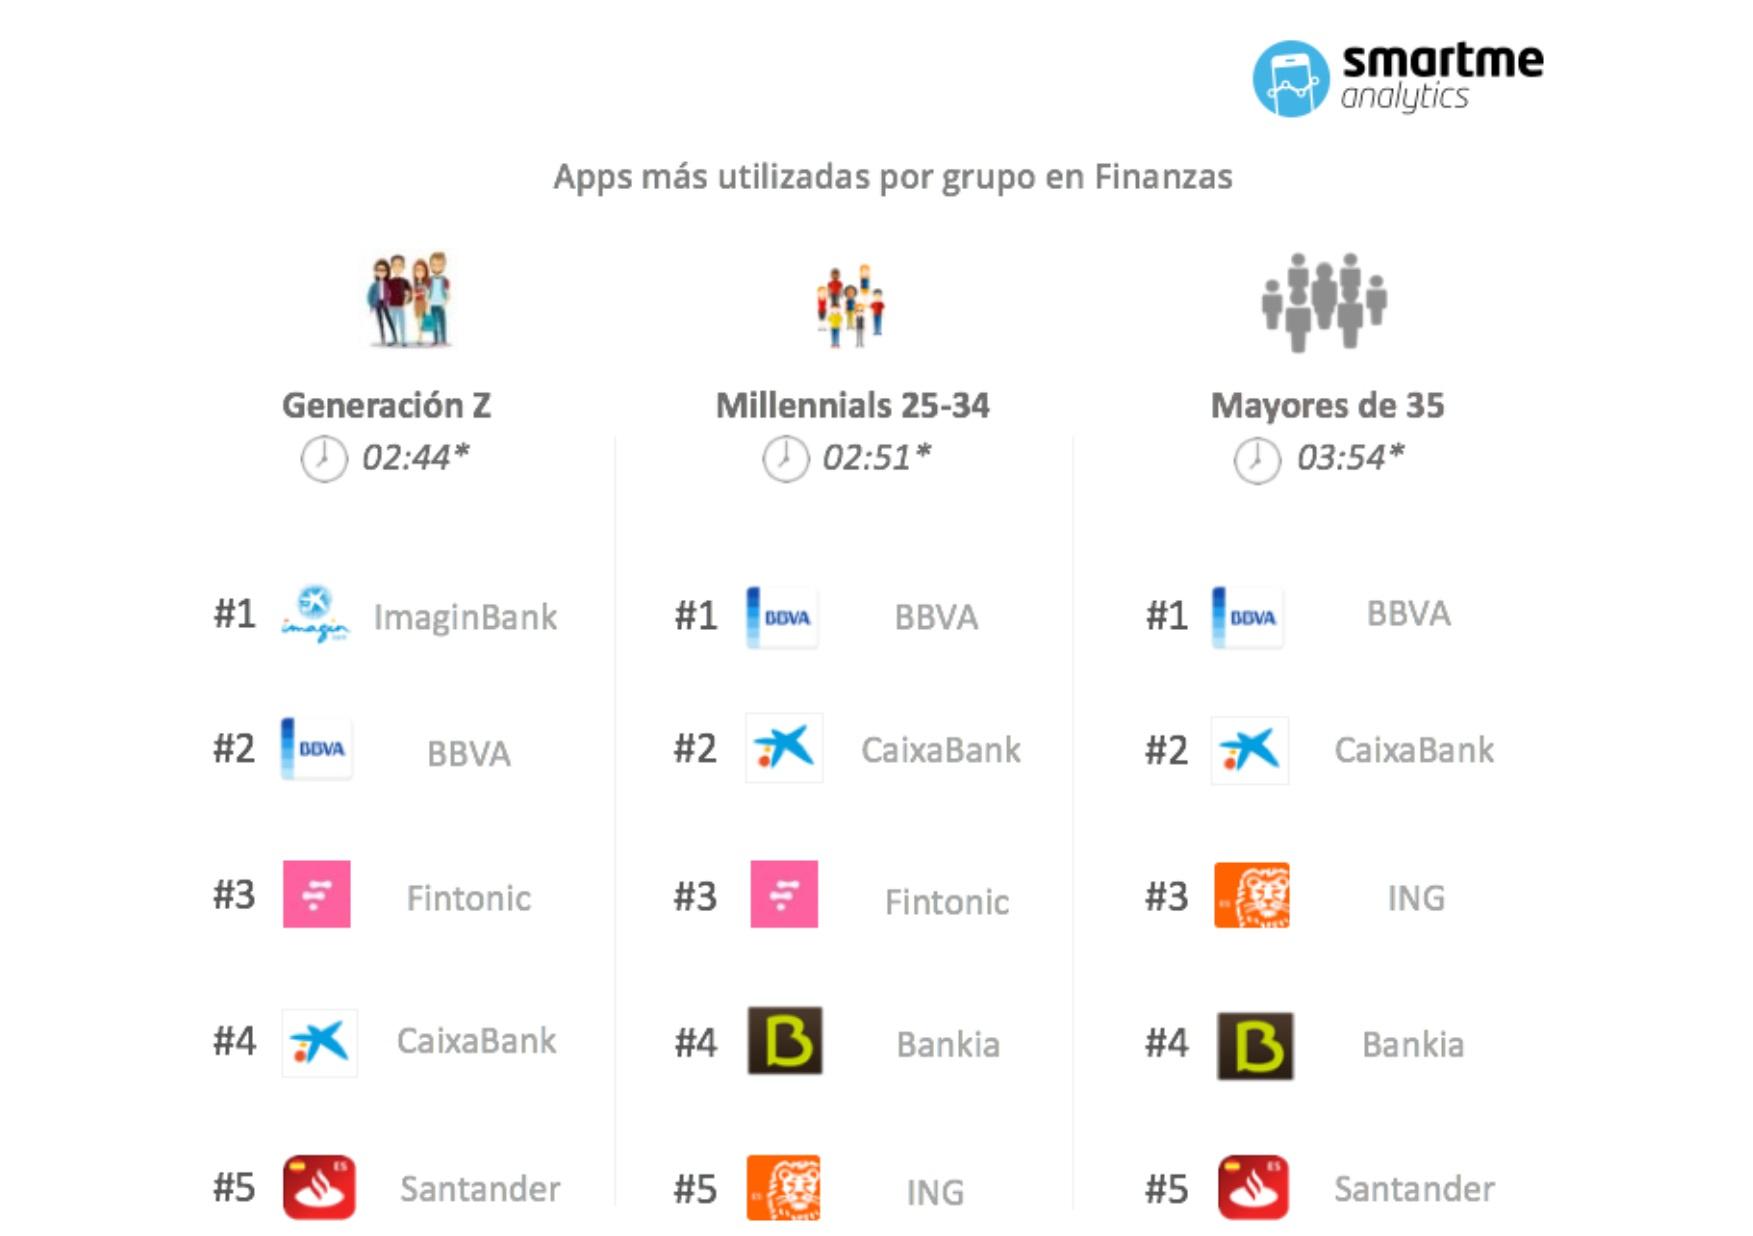 http://www.programapublicidad.com/wp-content/uploads/2019/03/apps-más-utilizadas-smartme-analytics-programapublicidad-muy-grande-1.jpg